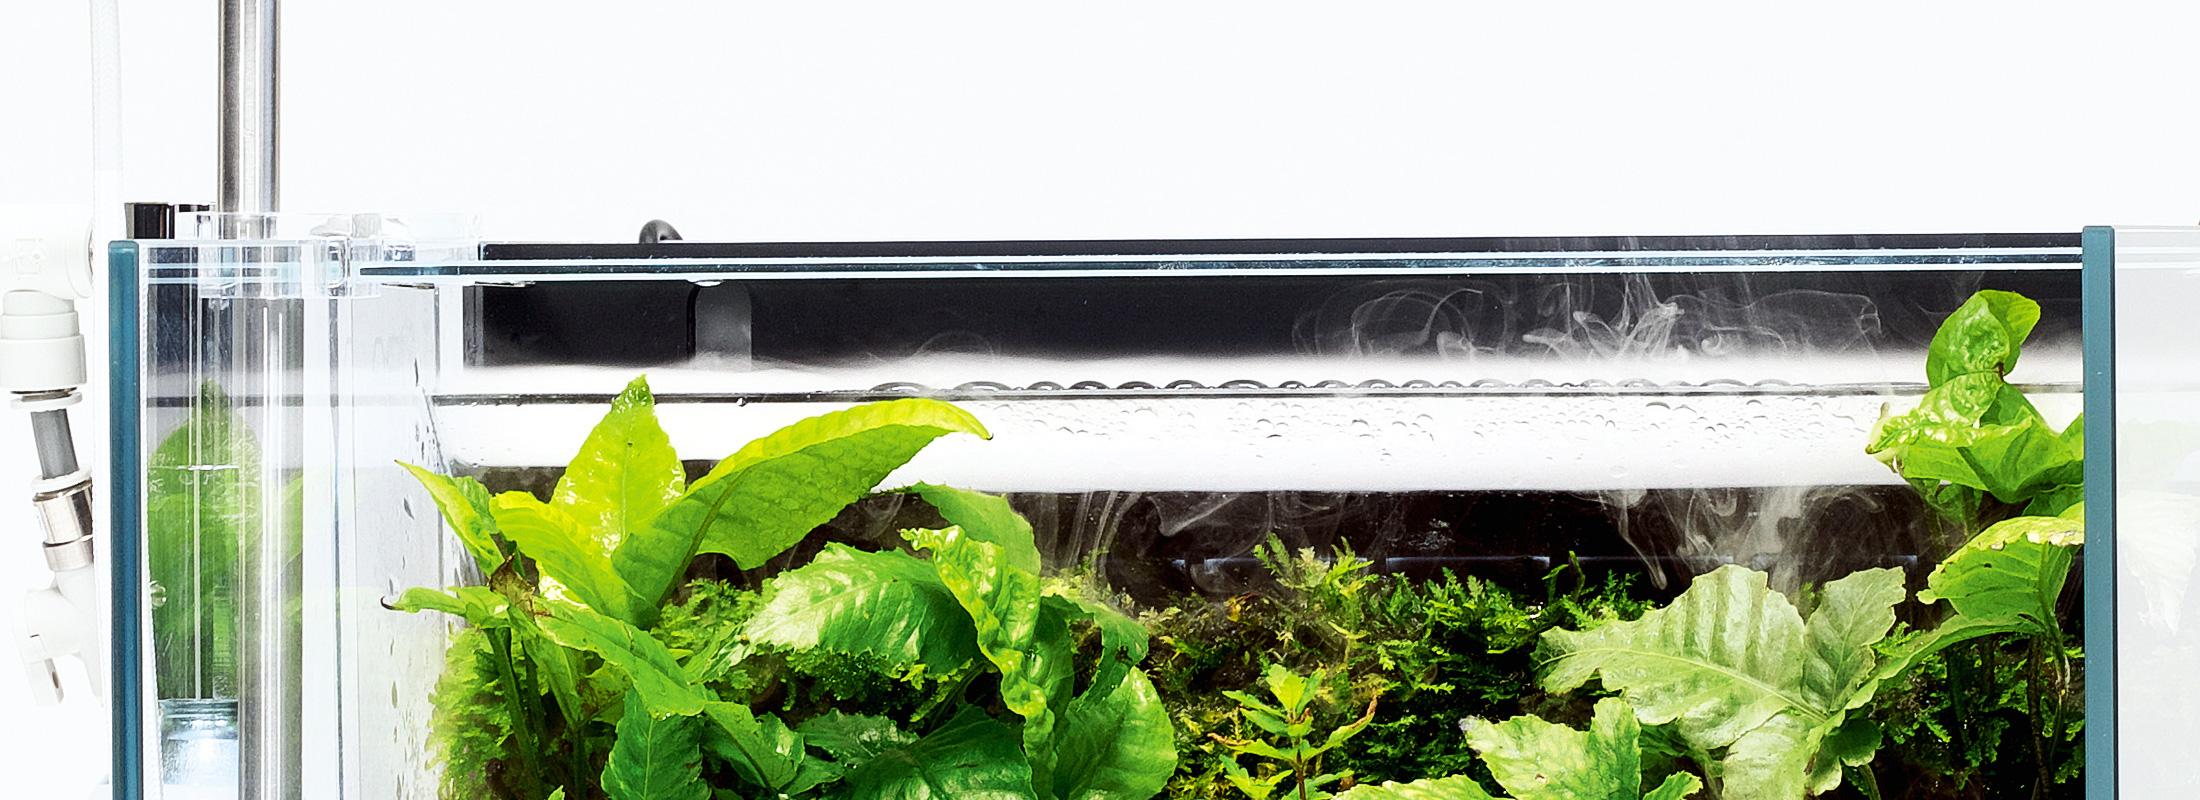 常緑の雲霧林へ、高い演出性と実用性を兼ね備えた「ミストフロー」が熱帯の世界へといざなう